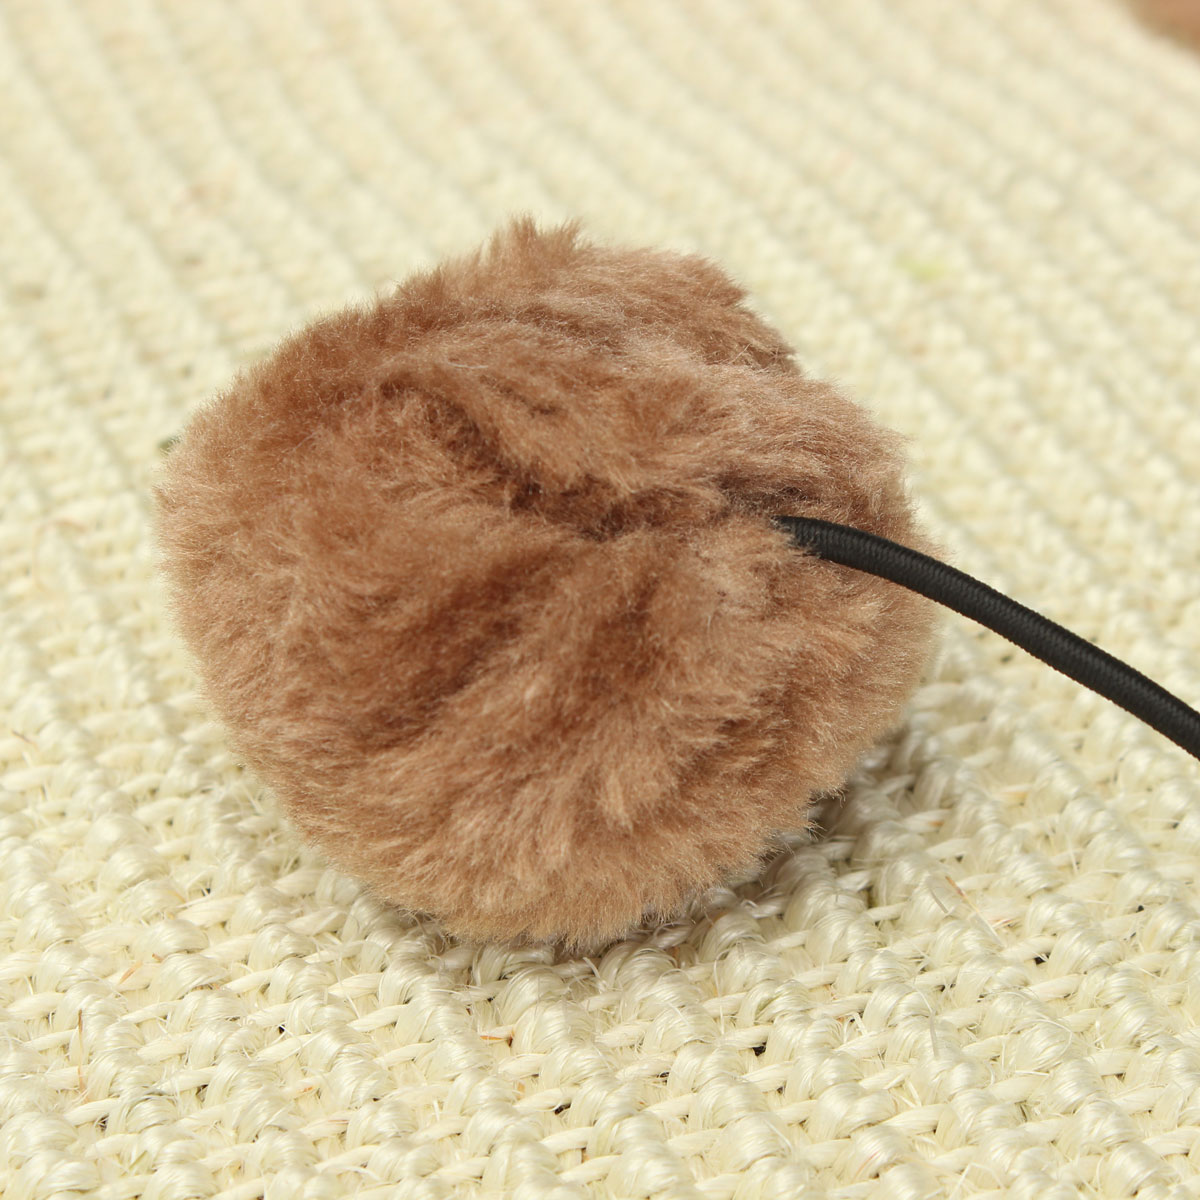 placa do risco sisal gatinho gato arranhando pad tapete com catnip